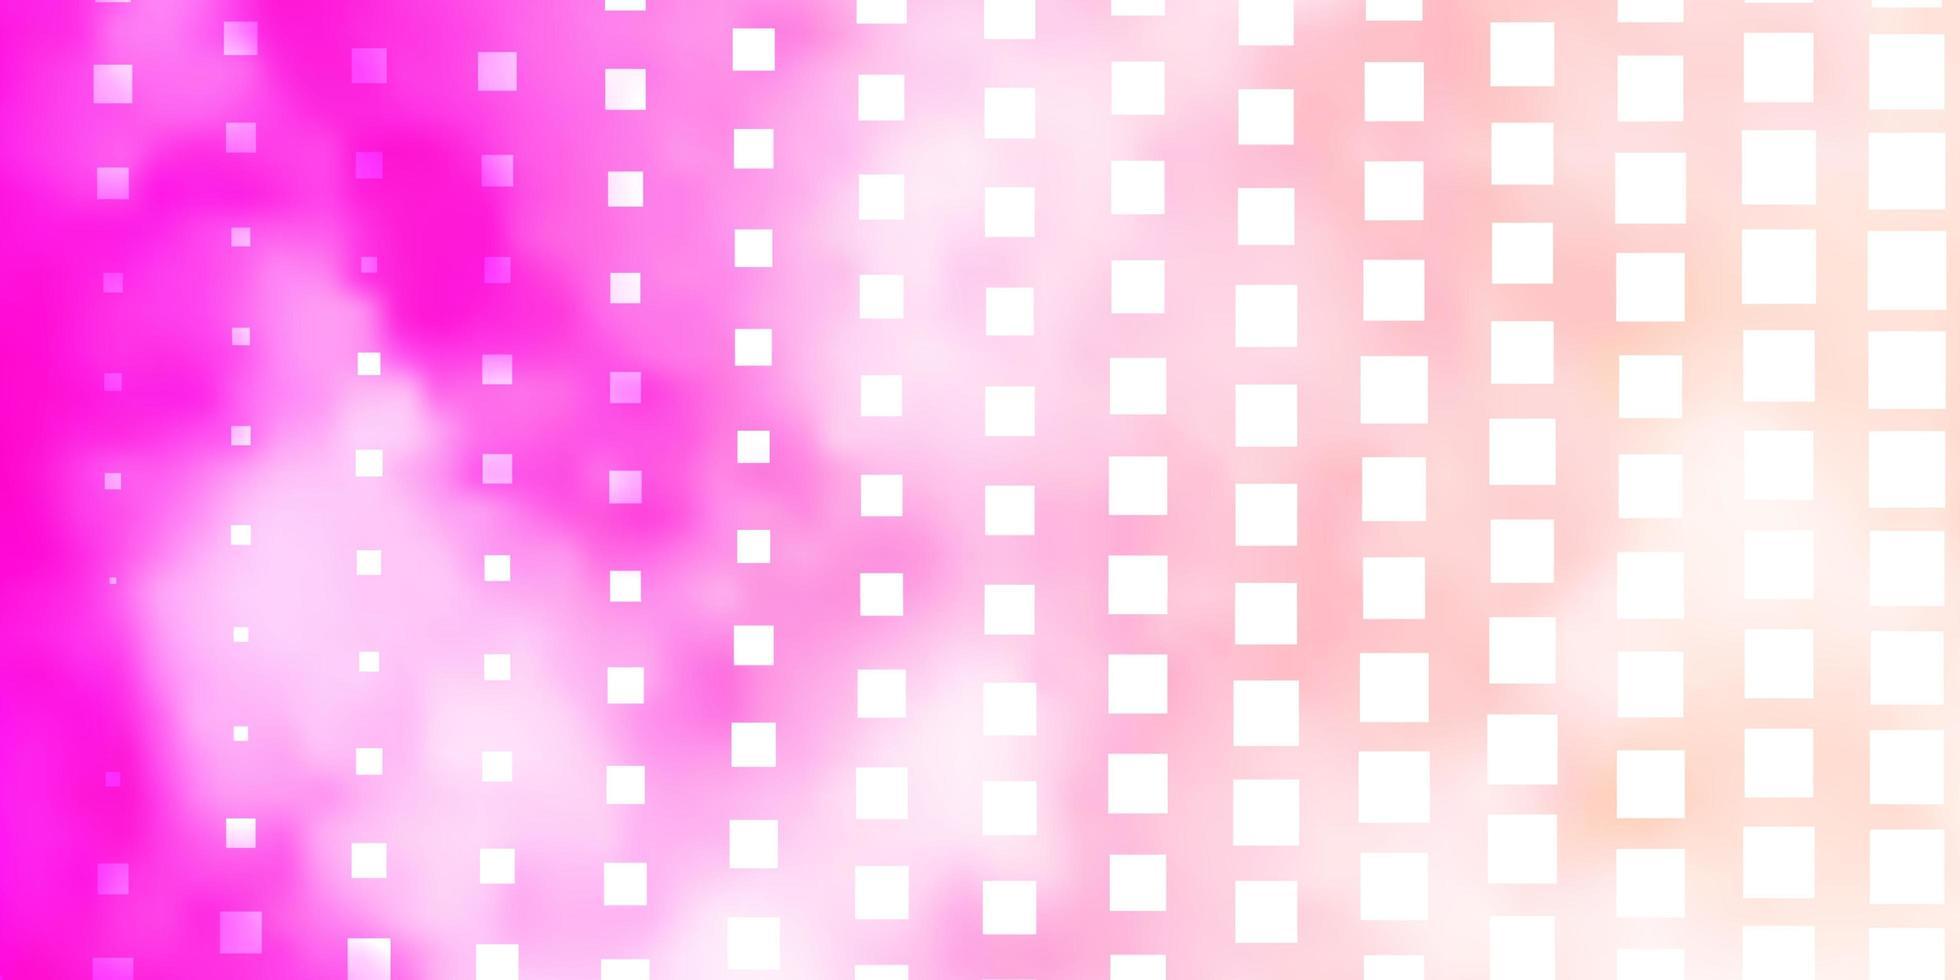 ljusrosa konsistens i rektangulär stil. vektor